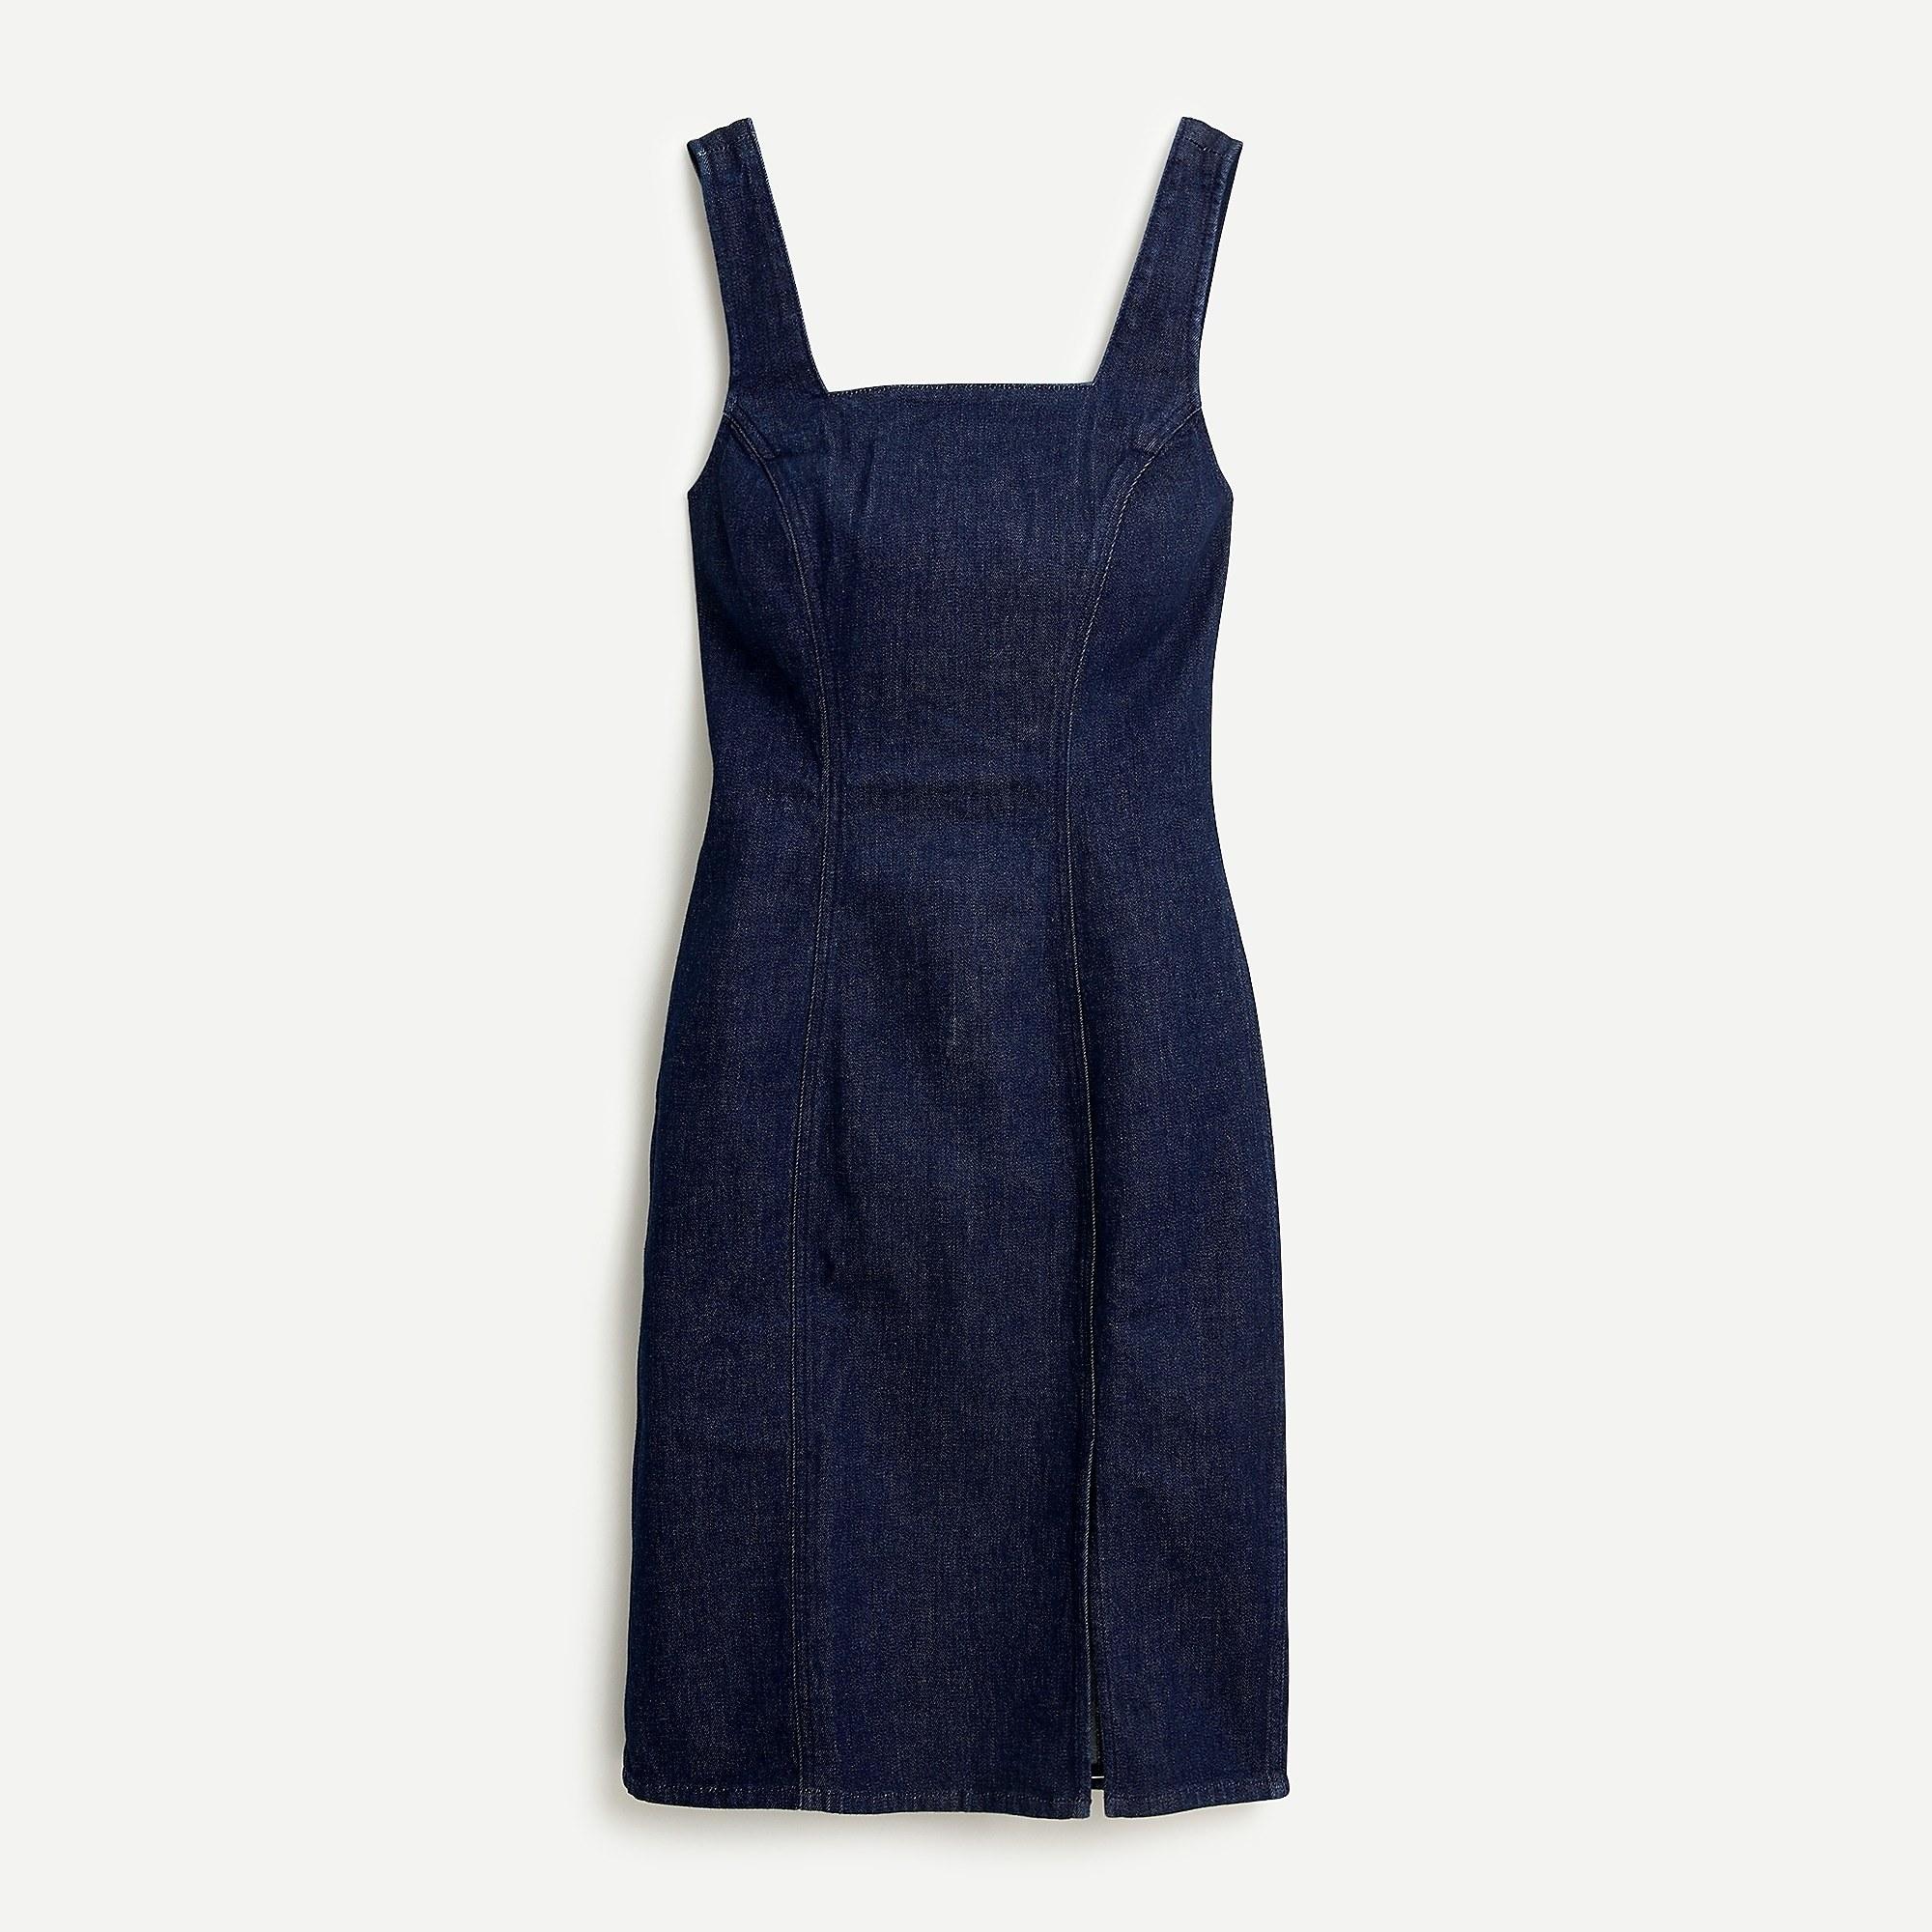 dark blue tight denim tank dress with small slit